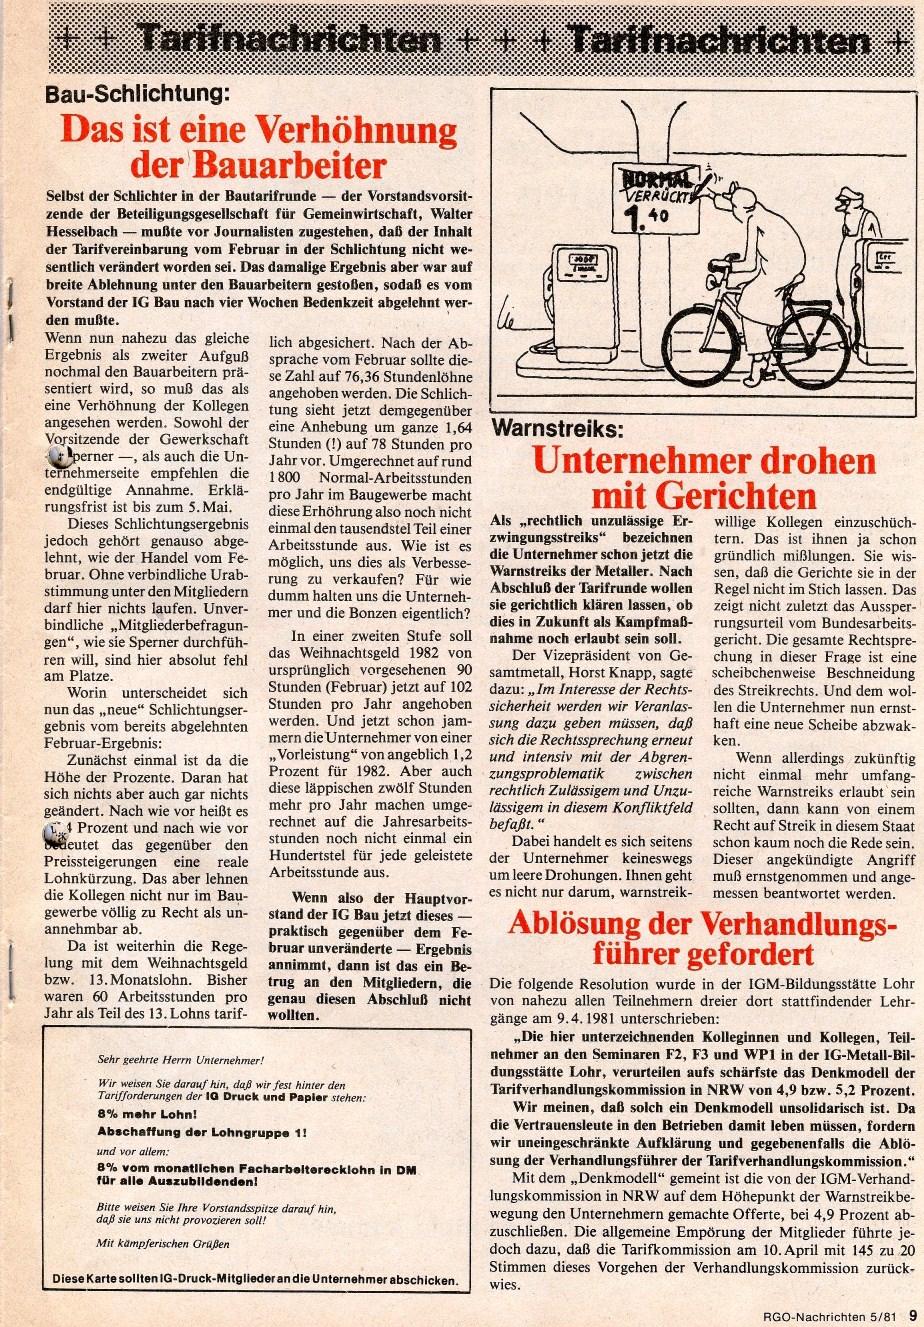 RGO_RGO_Nachrichten_1981_05_09